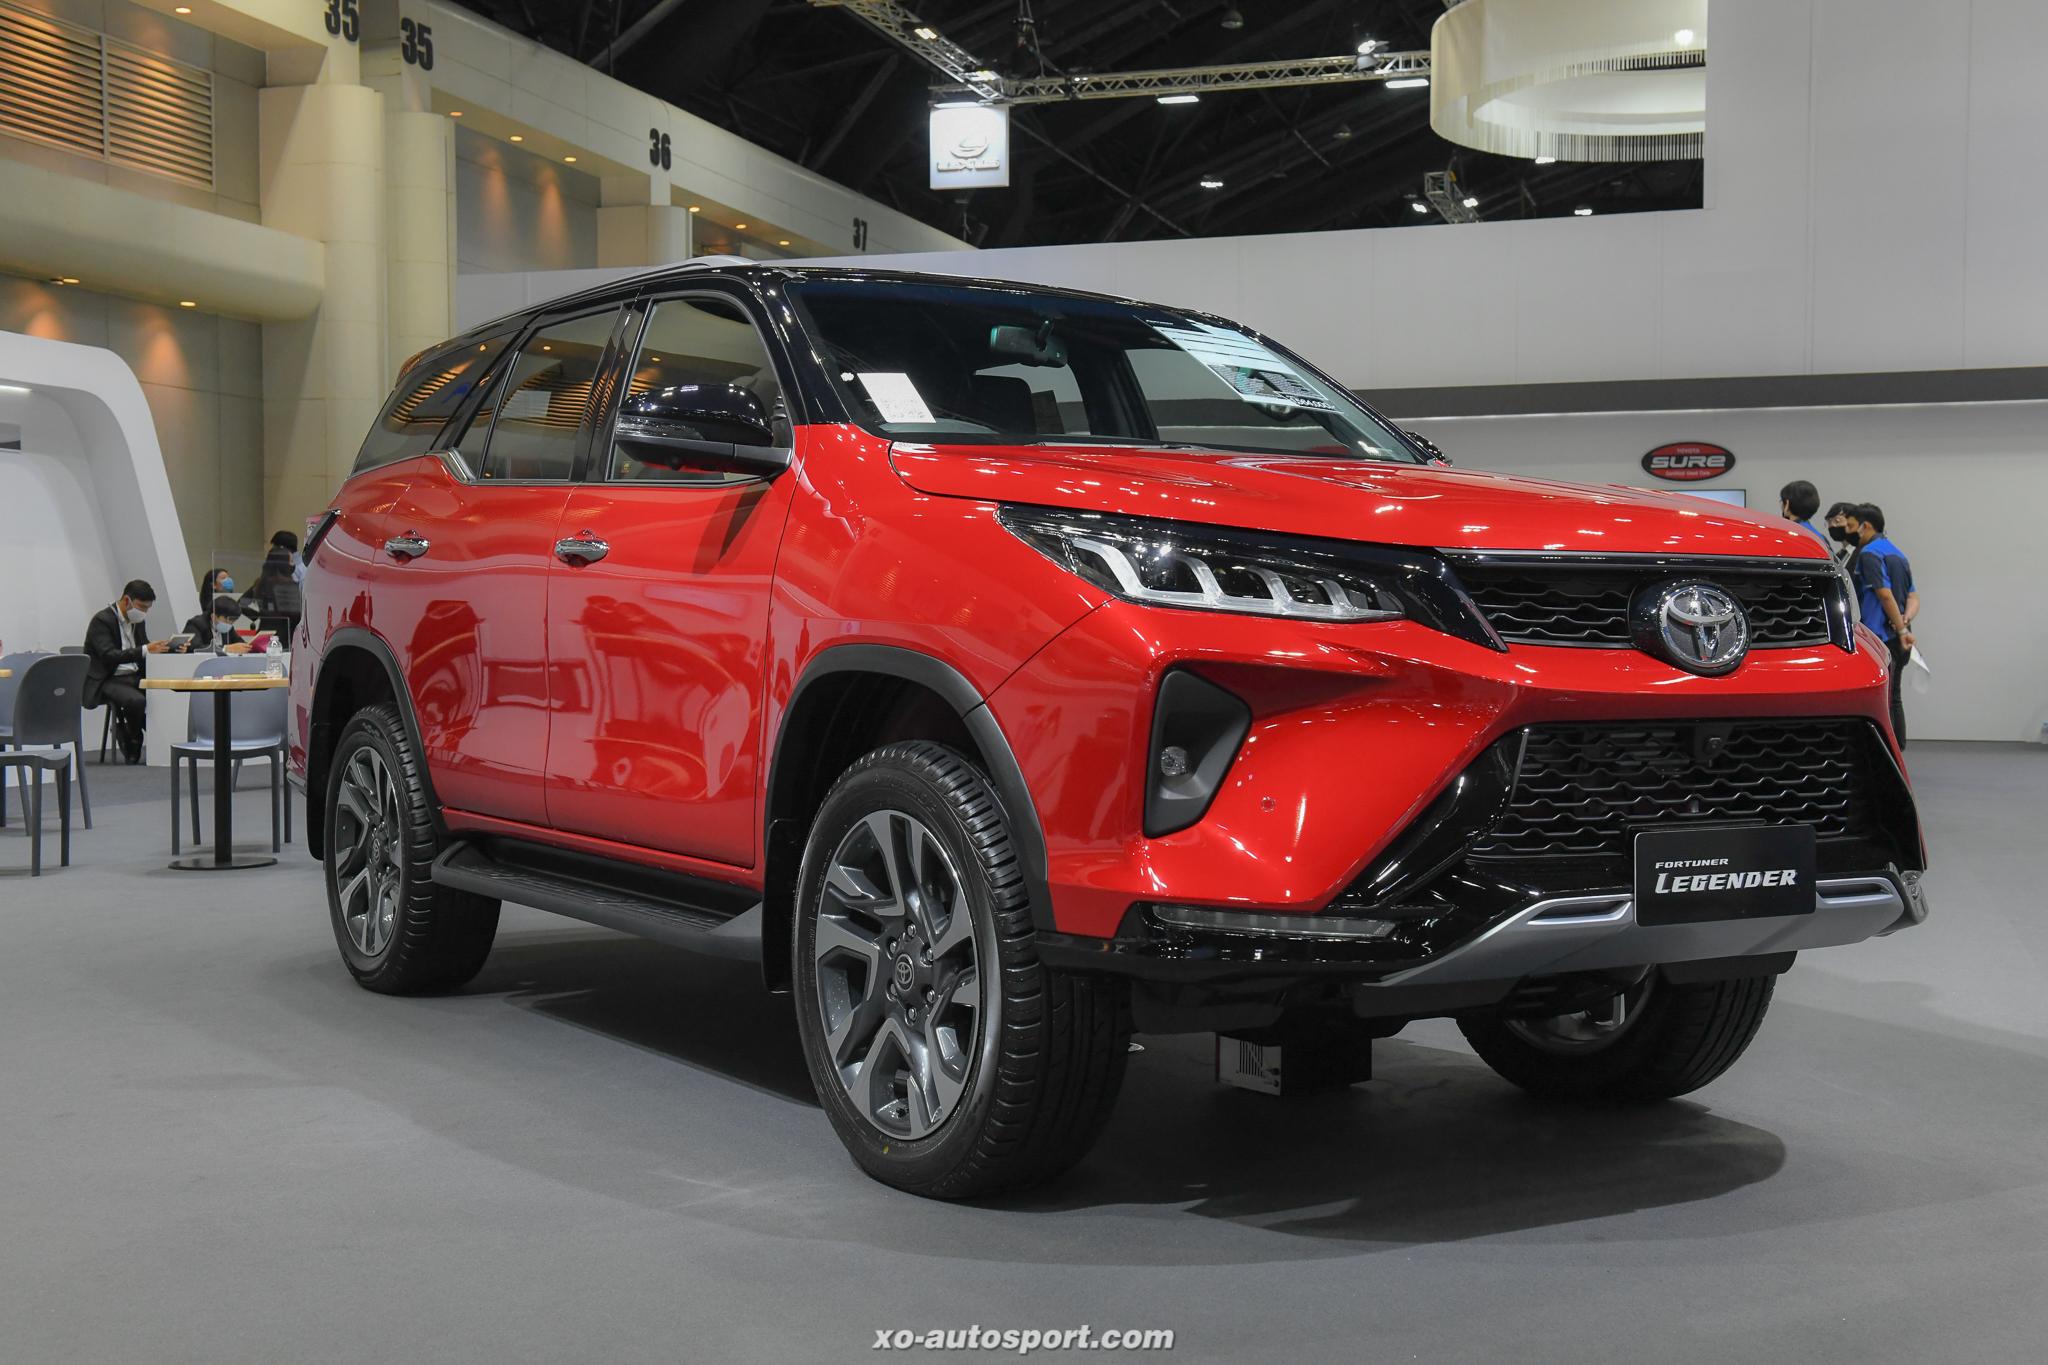 17 Toyota Fortuner Legender